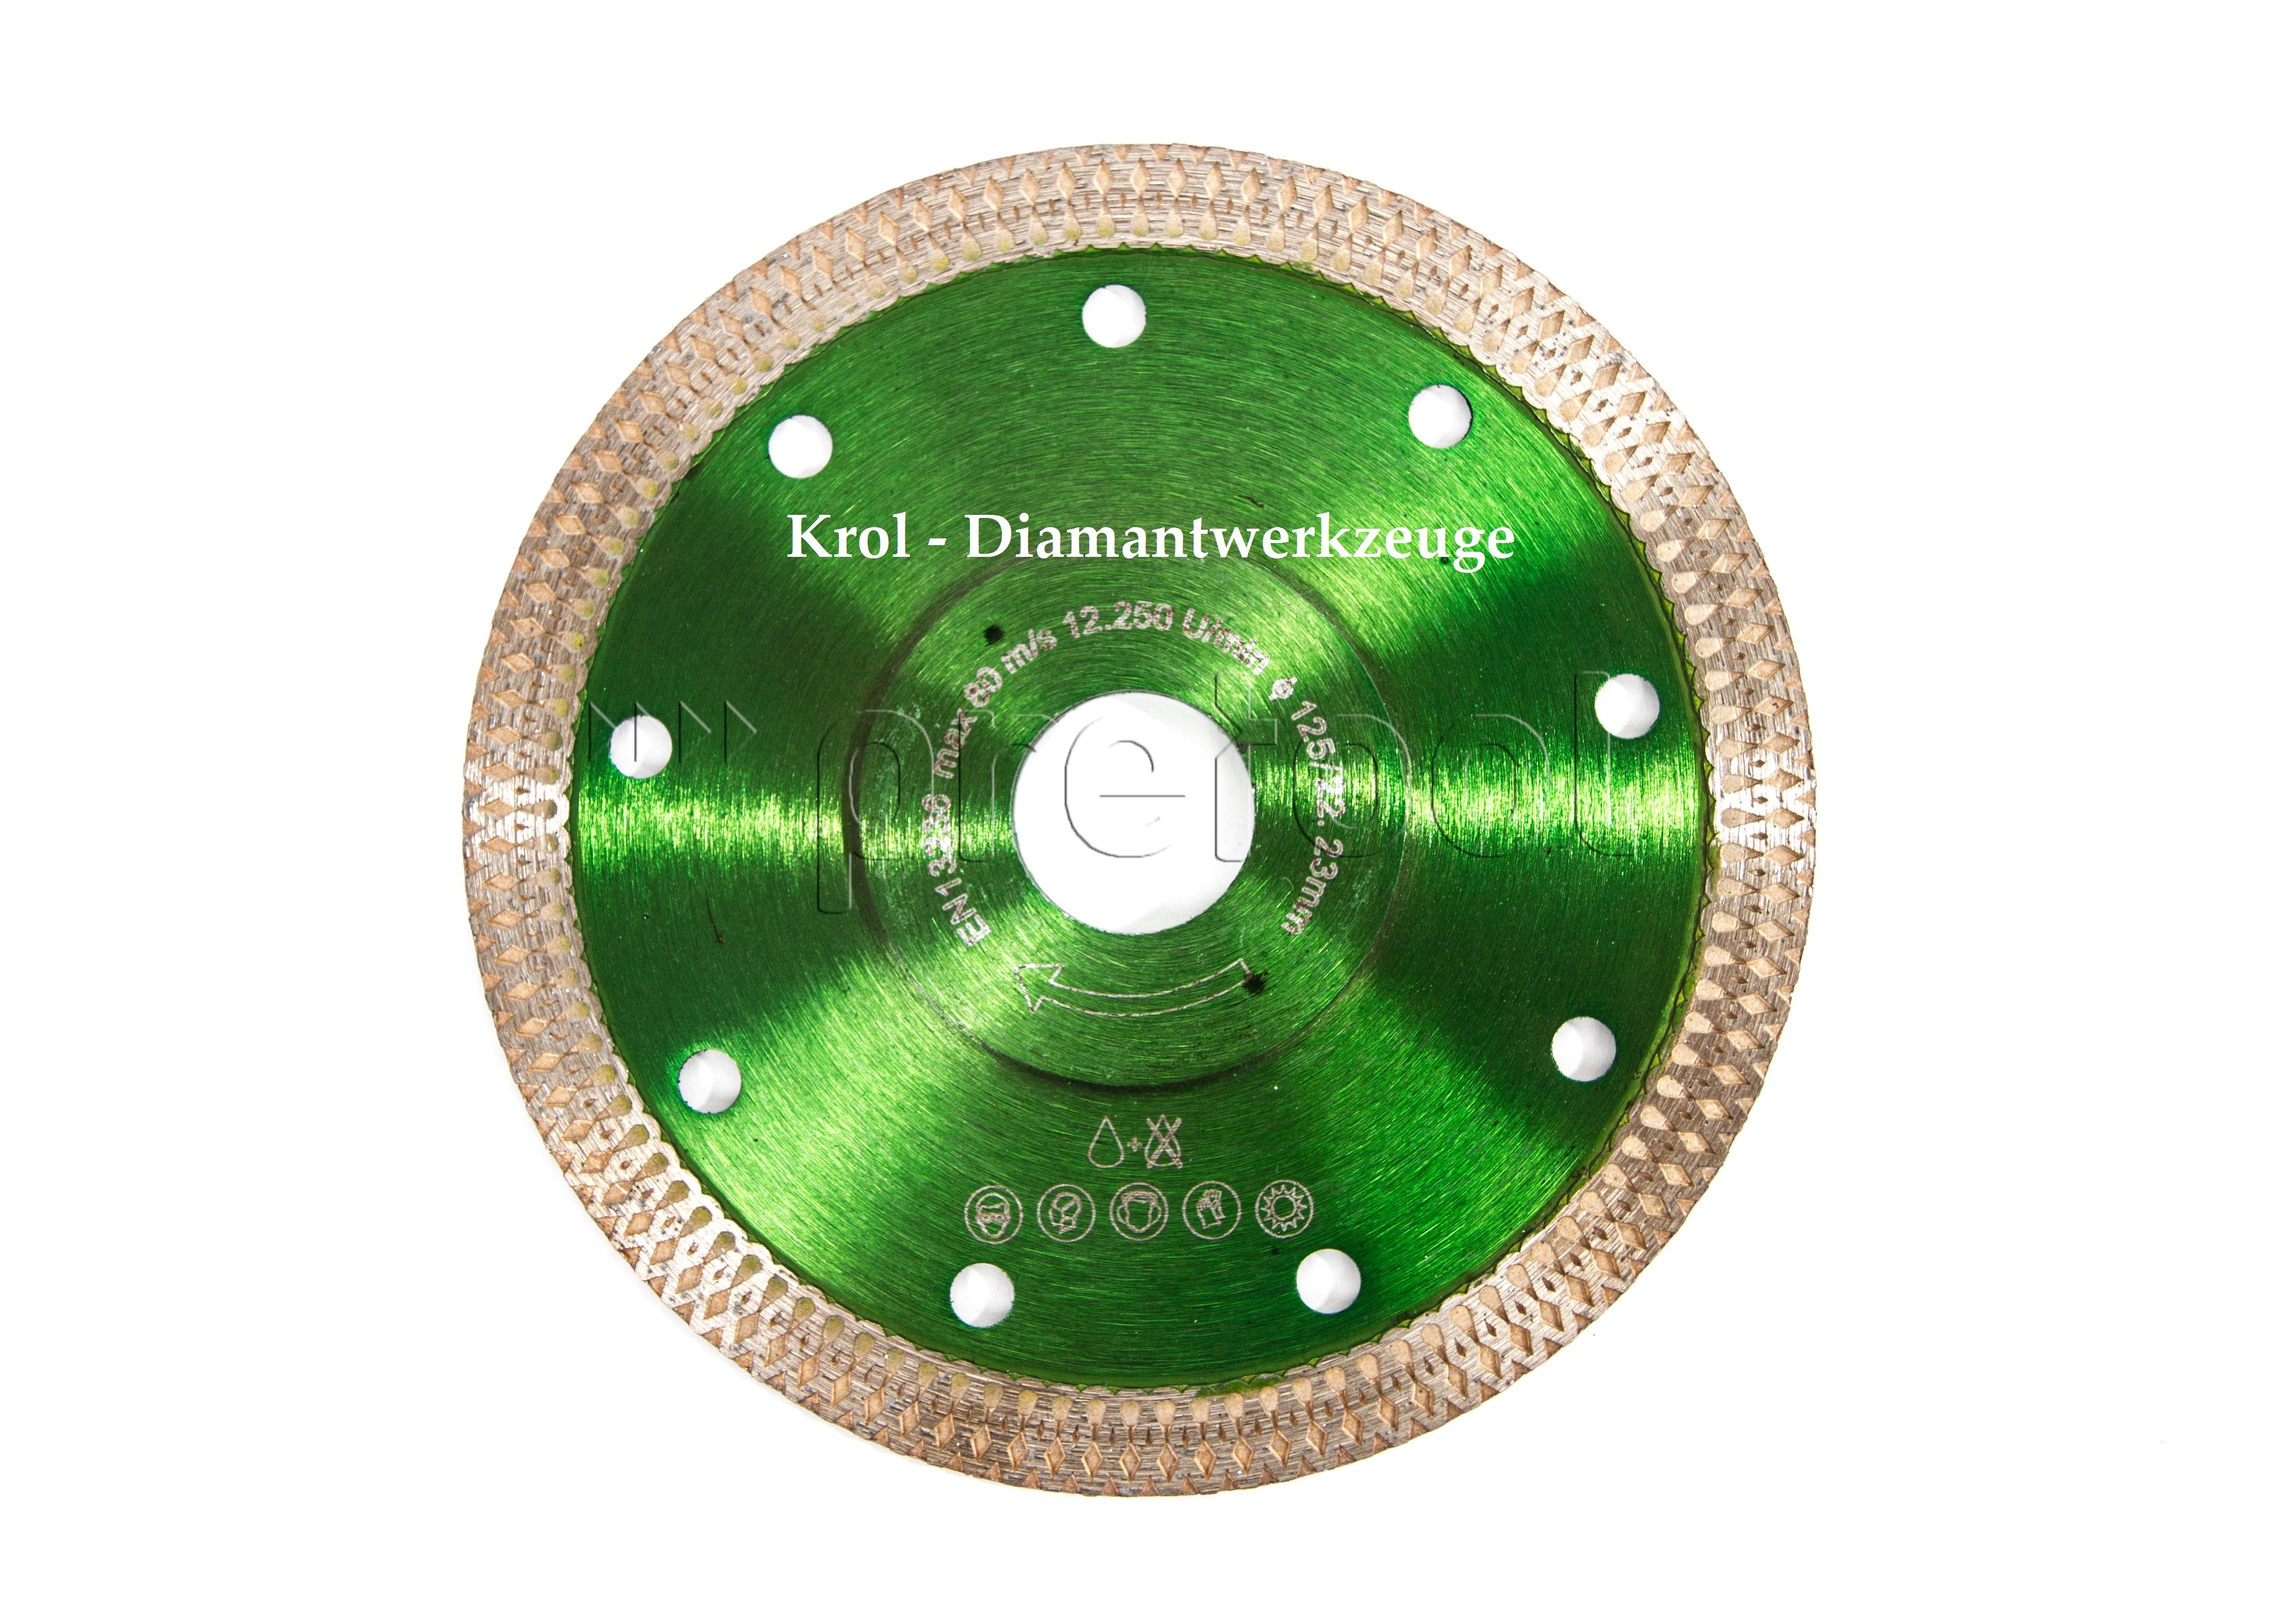 Krol Diamantwerkzeuge Diamant Trennscheibe Ø 125 mm für